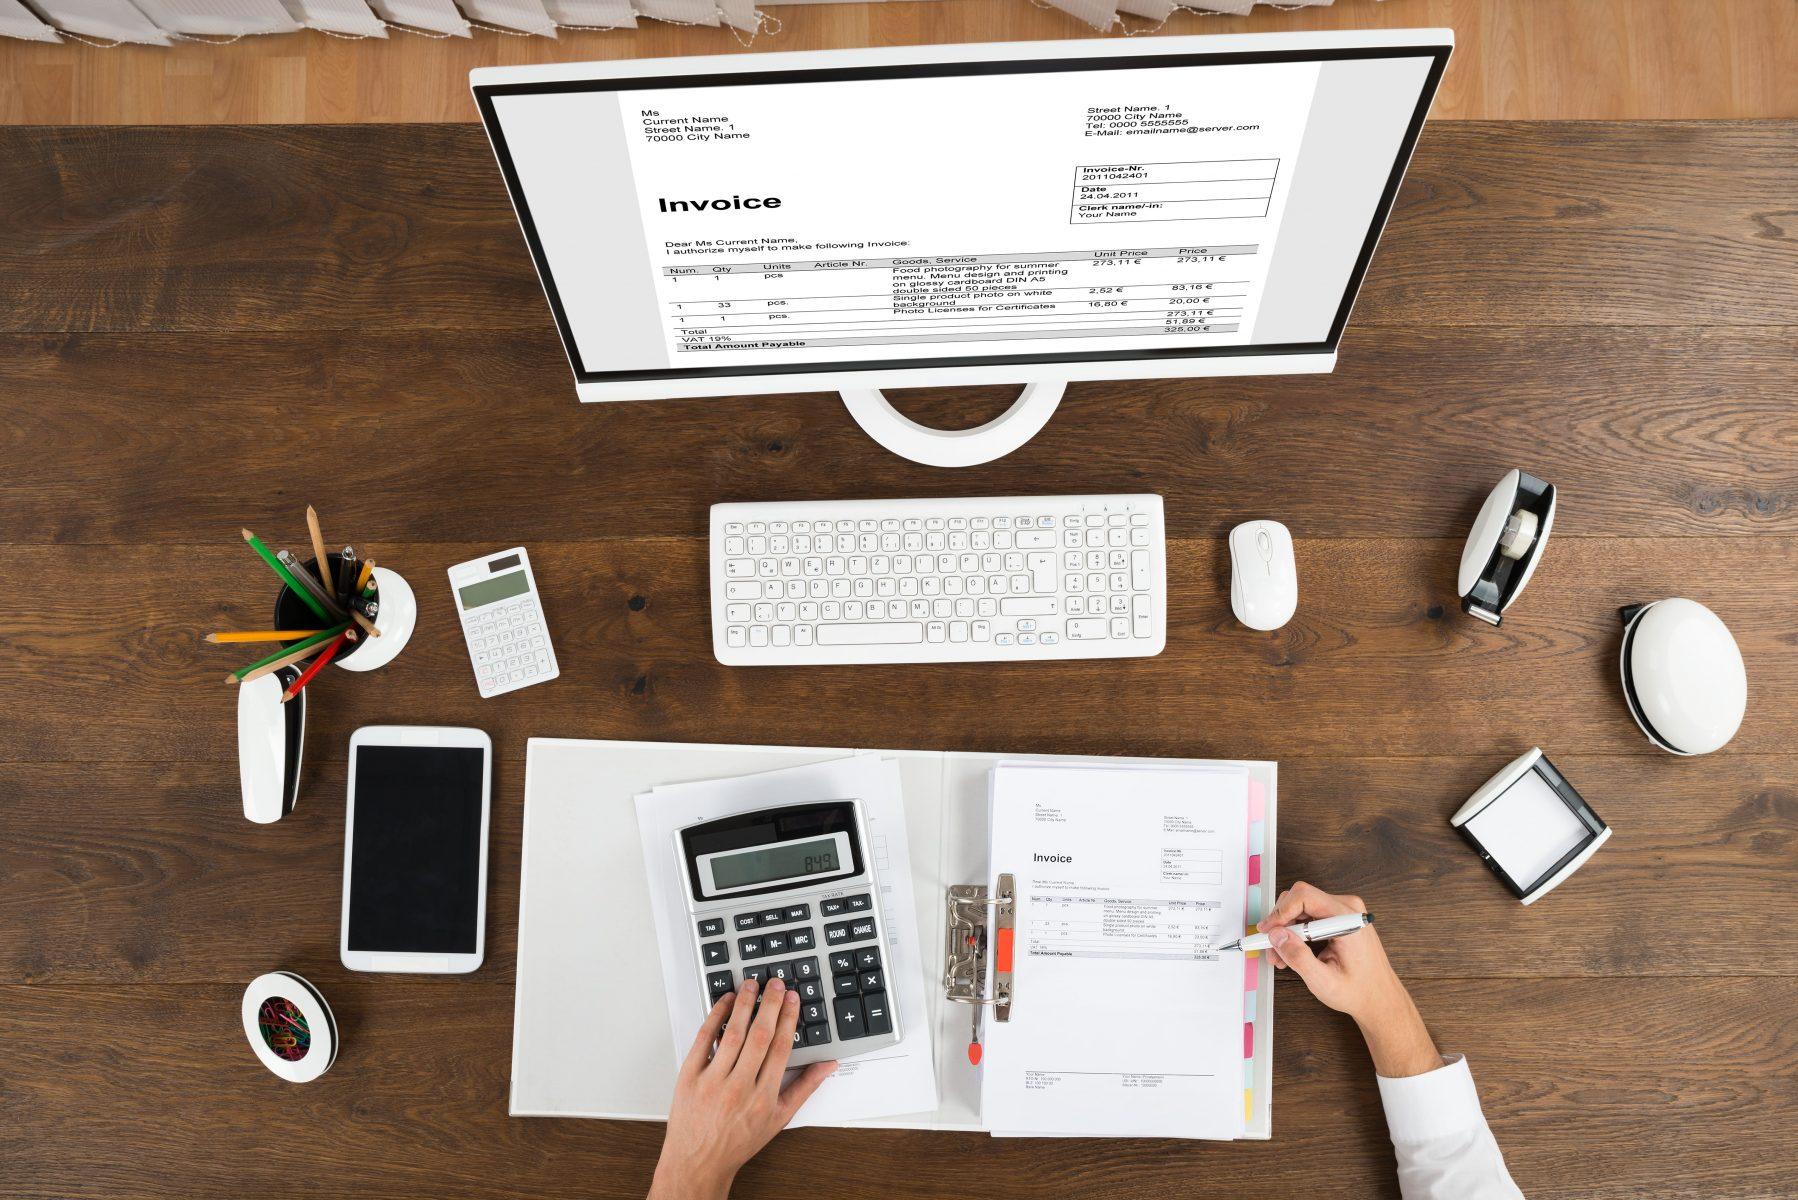 הכנת חשבוניות ודוחות לעסקים קטנים